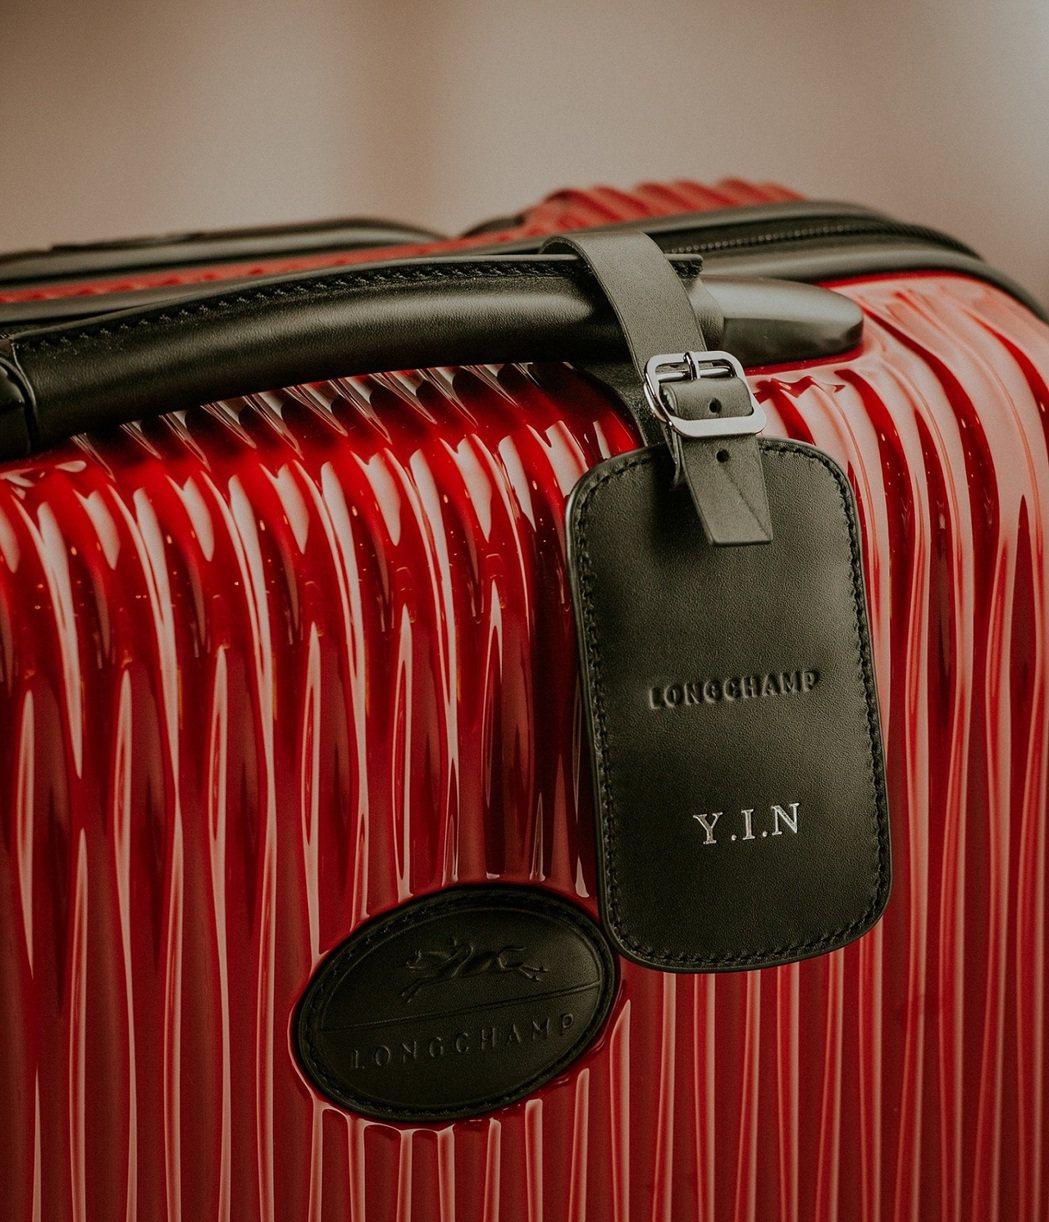 劉仁娜專屬Fairval行李箱附有壓印名字縮寫的「YIN」皮革行李吊牌。圖/Lo...